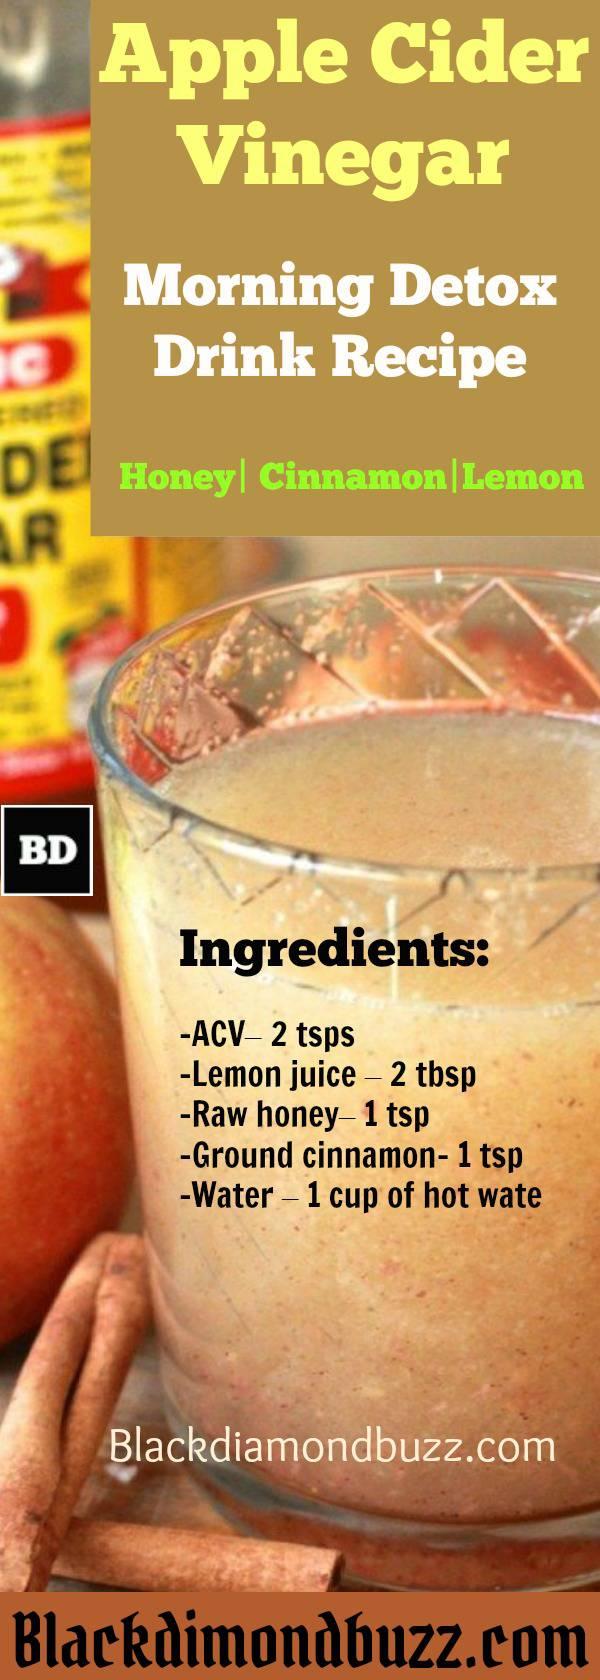 Ricetta della bevanda della disintossicazione di aceto di sidro della mela; Miele, cannella e limone, per bruciare i grassi - Dink questa mattina presto e prima di dormire.